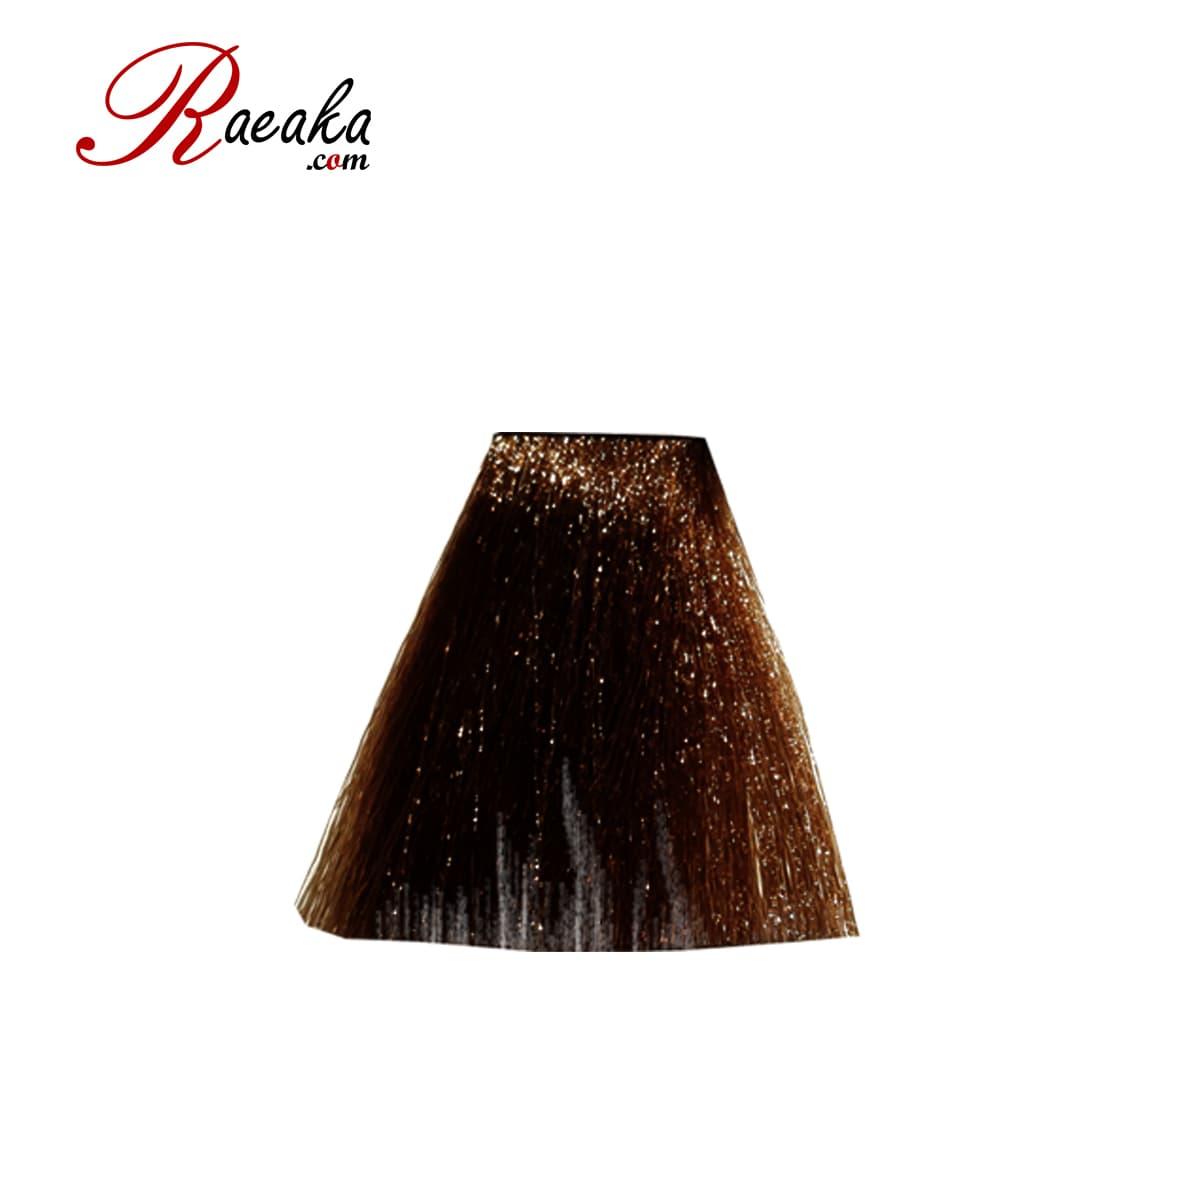 رنگ مو دوماسی سری کافی شاپ قهوه ای نسکافه ای متوسط ۴٫۱۷ حجم ۱۲۰ میلی لیتر